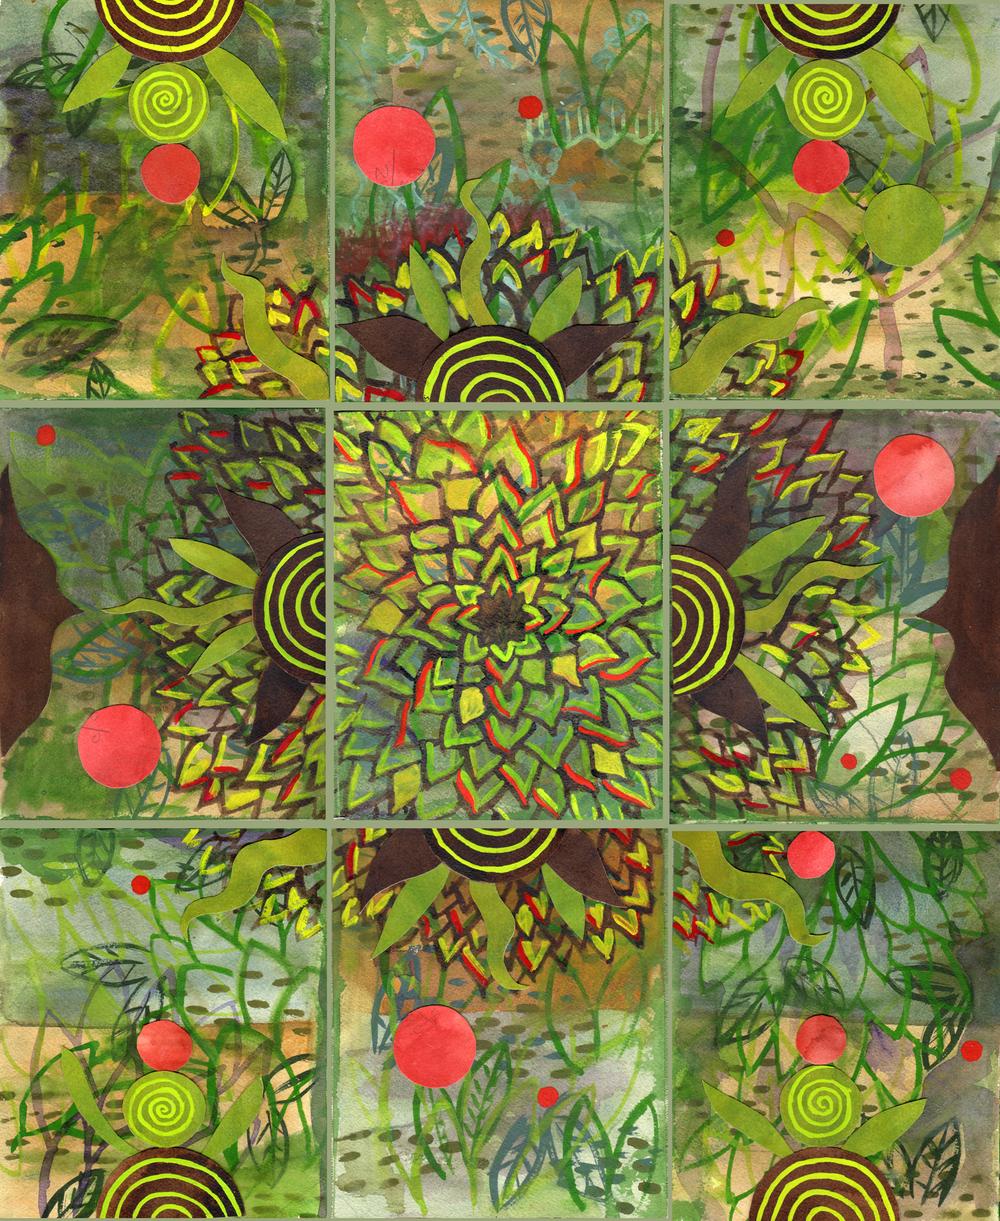 forestflower1001-2.jpg